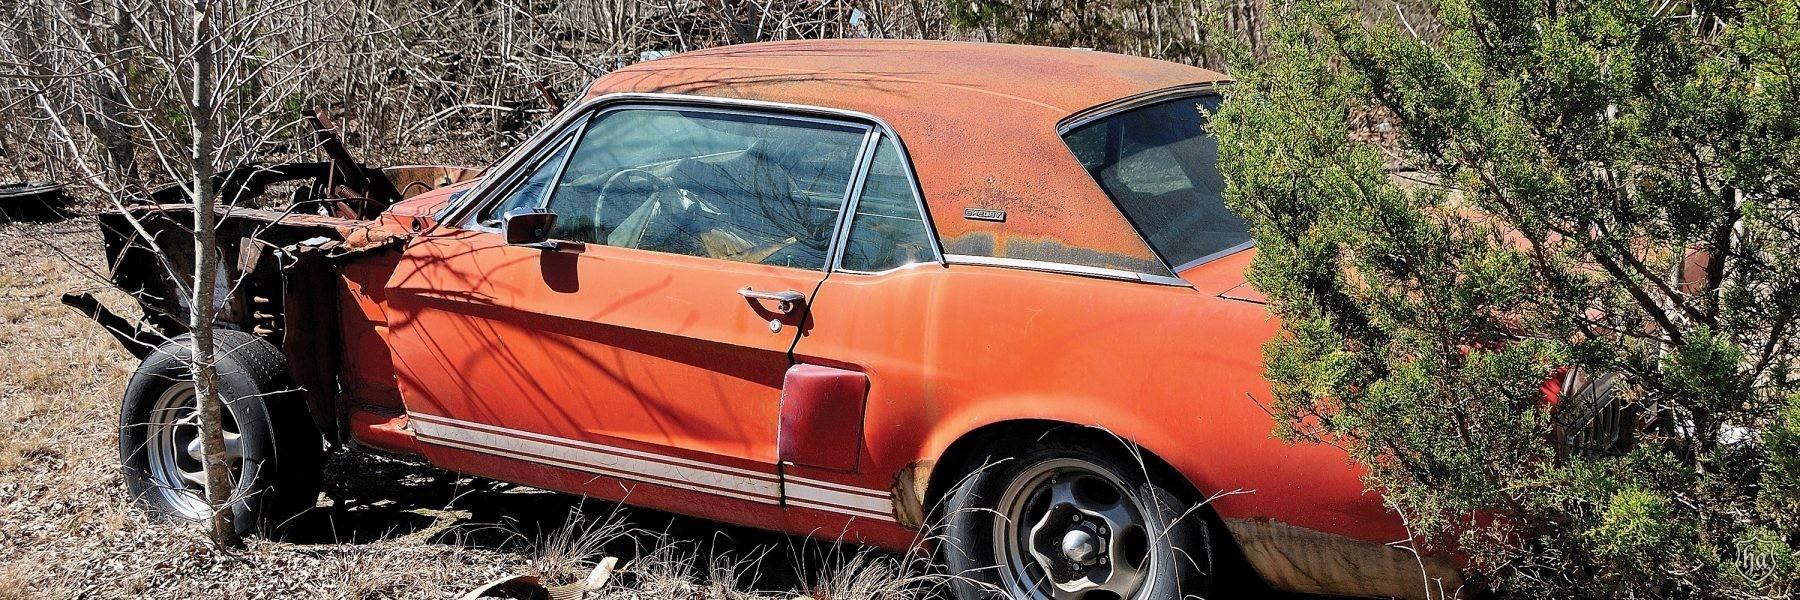 Covington Honda Nissan >> Barrett-Jackson's Craig Jackson and Team Find 'Little Red ...